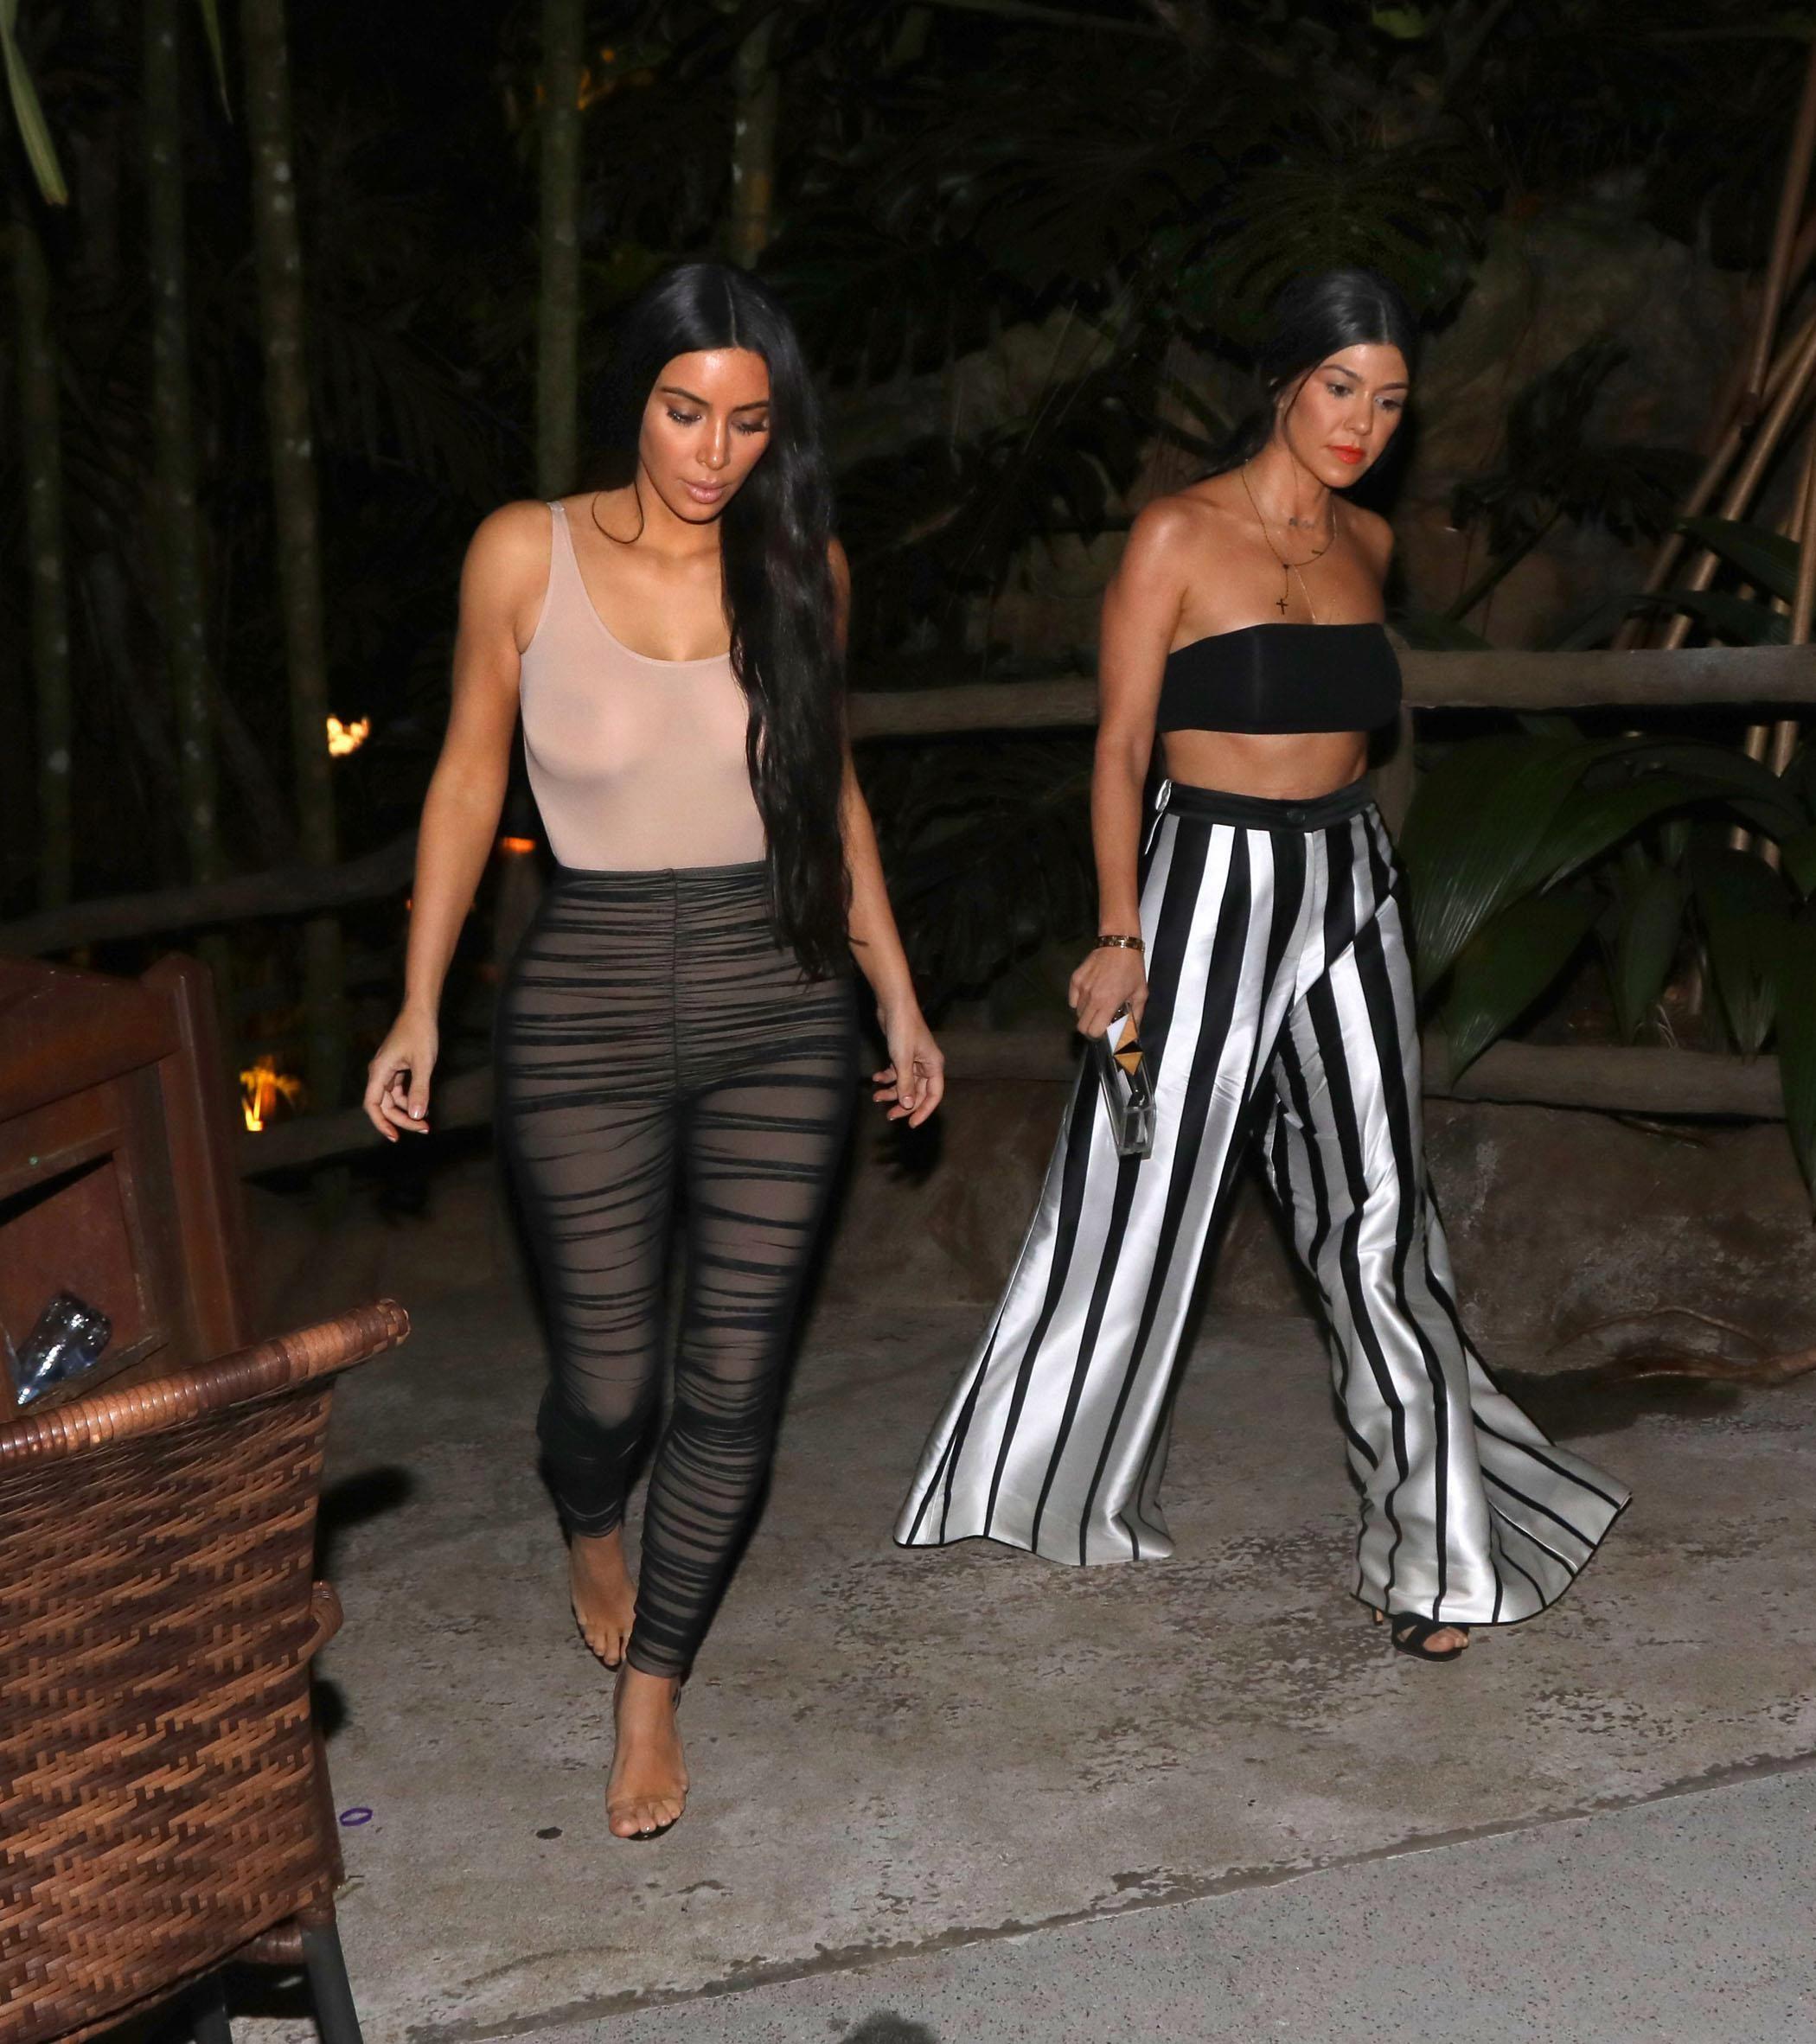 TheFappening Khloe Kardashian nude photos 2019